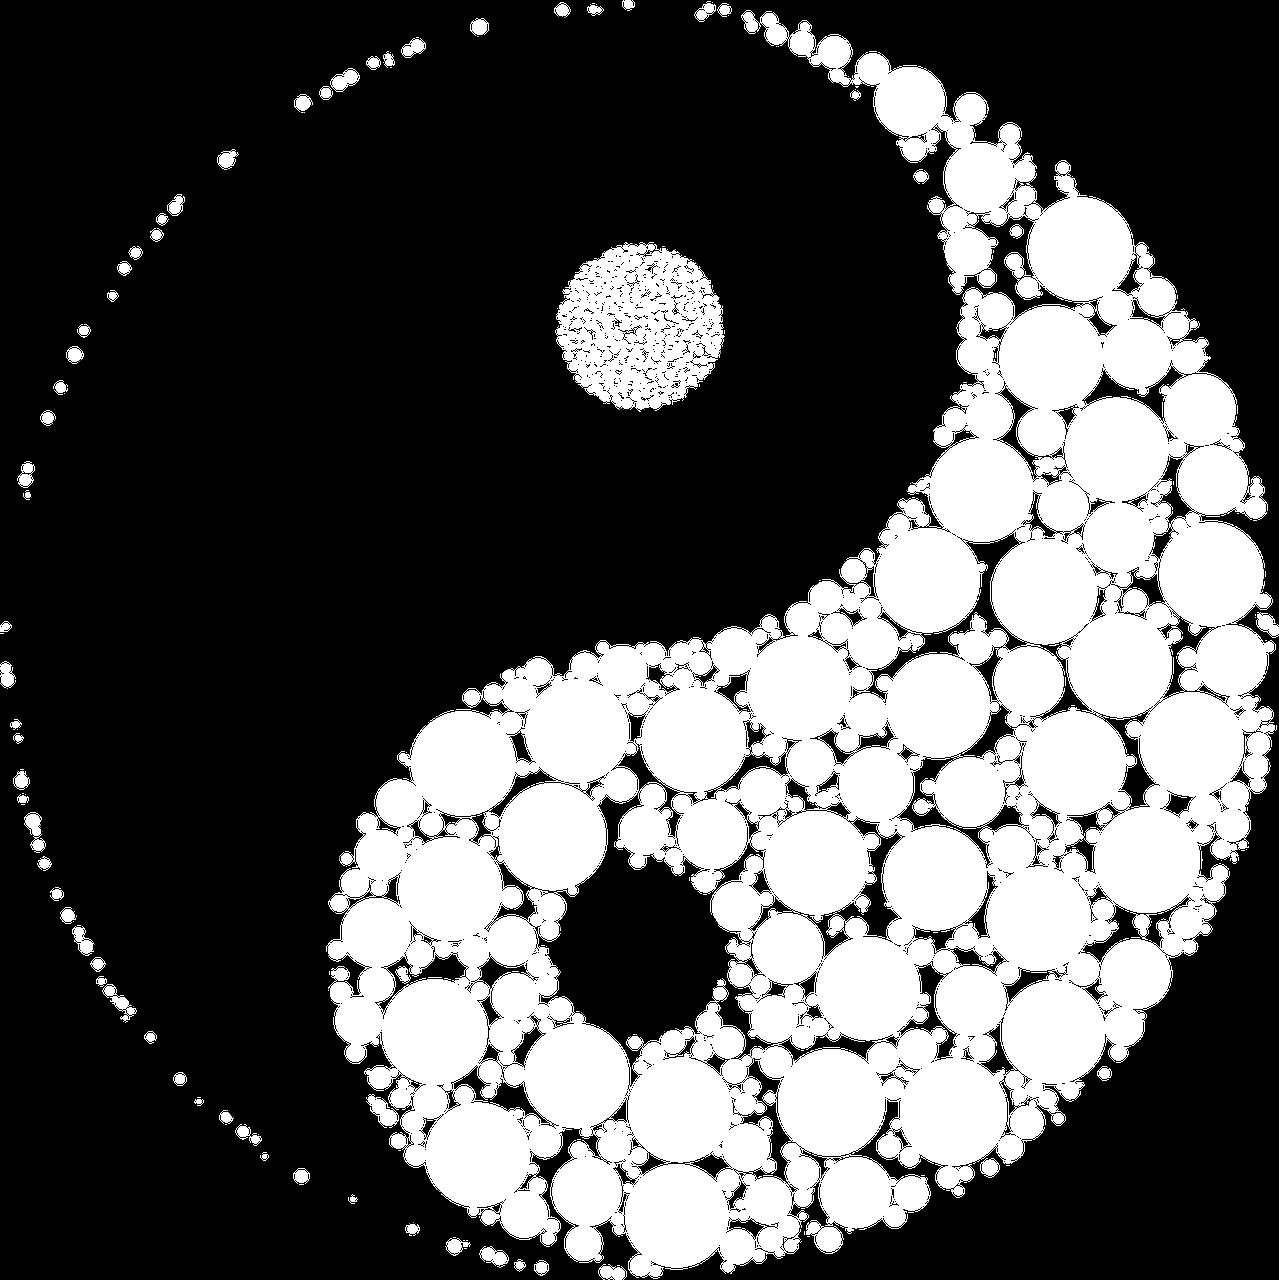 yin, yang, eastern